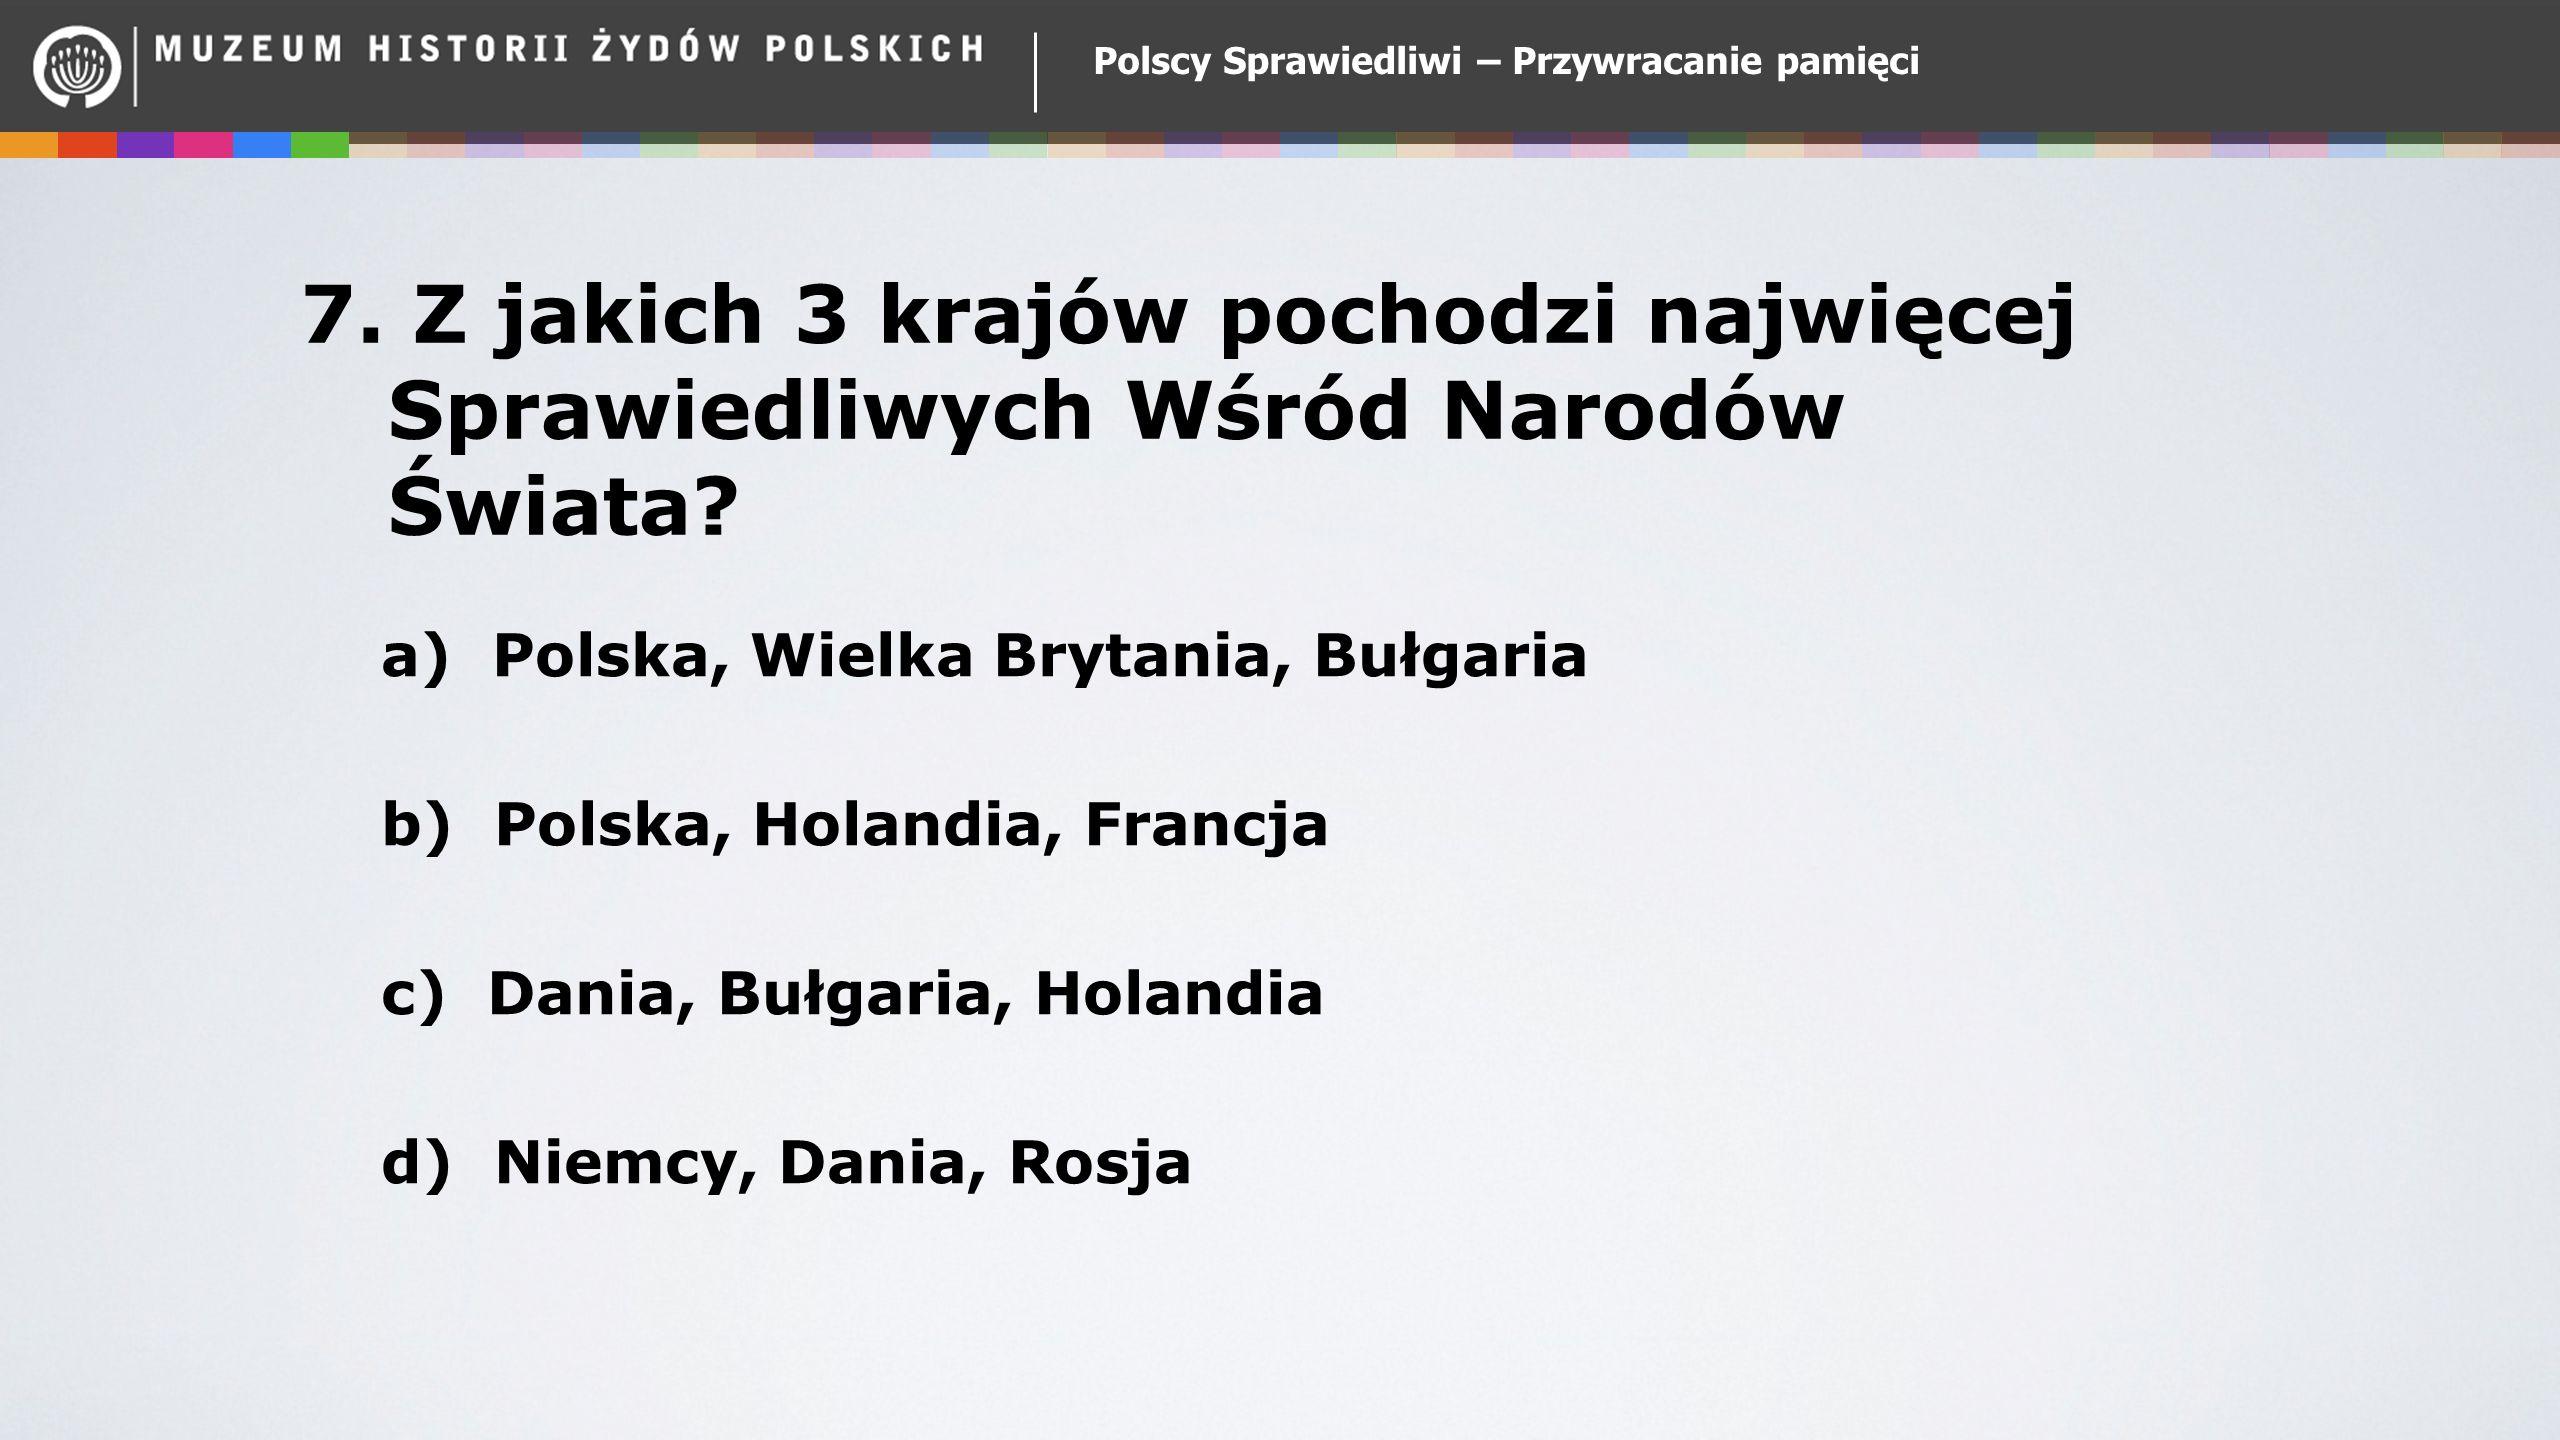 Polscy Sprawiedliwi – Przywracanie pamięci 7.